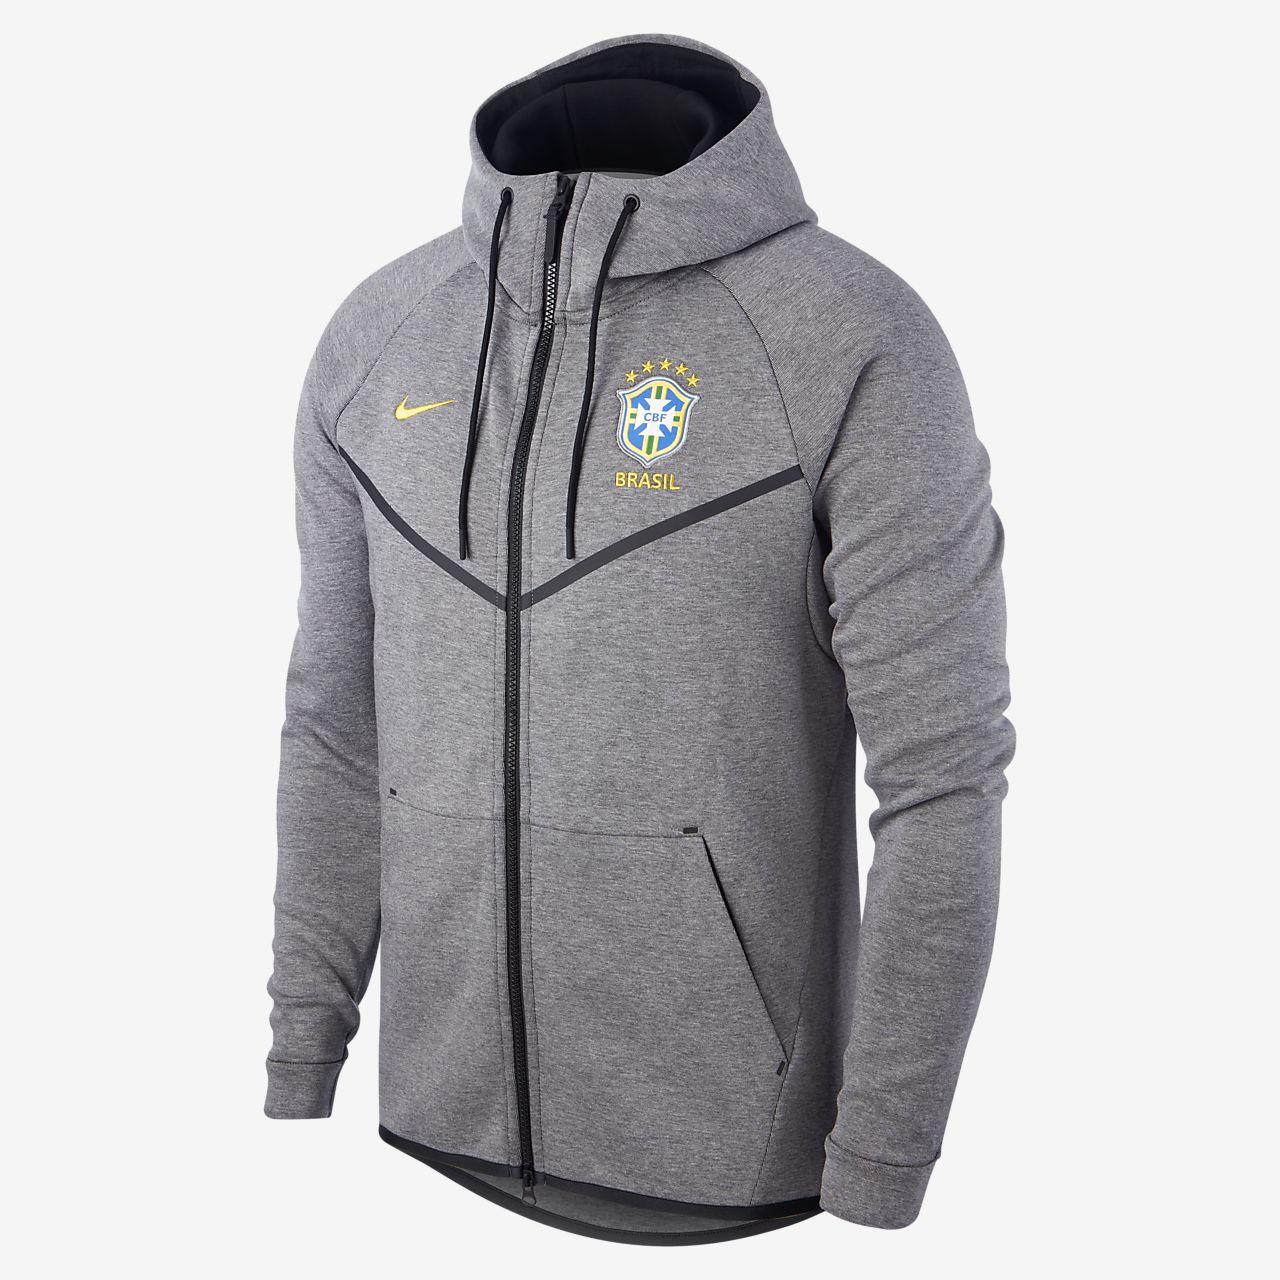 Brazil CBF Tech Fleece Windrunner Men's Jacket